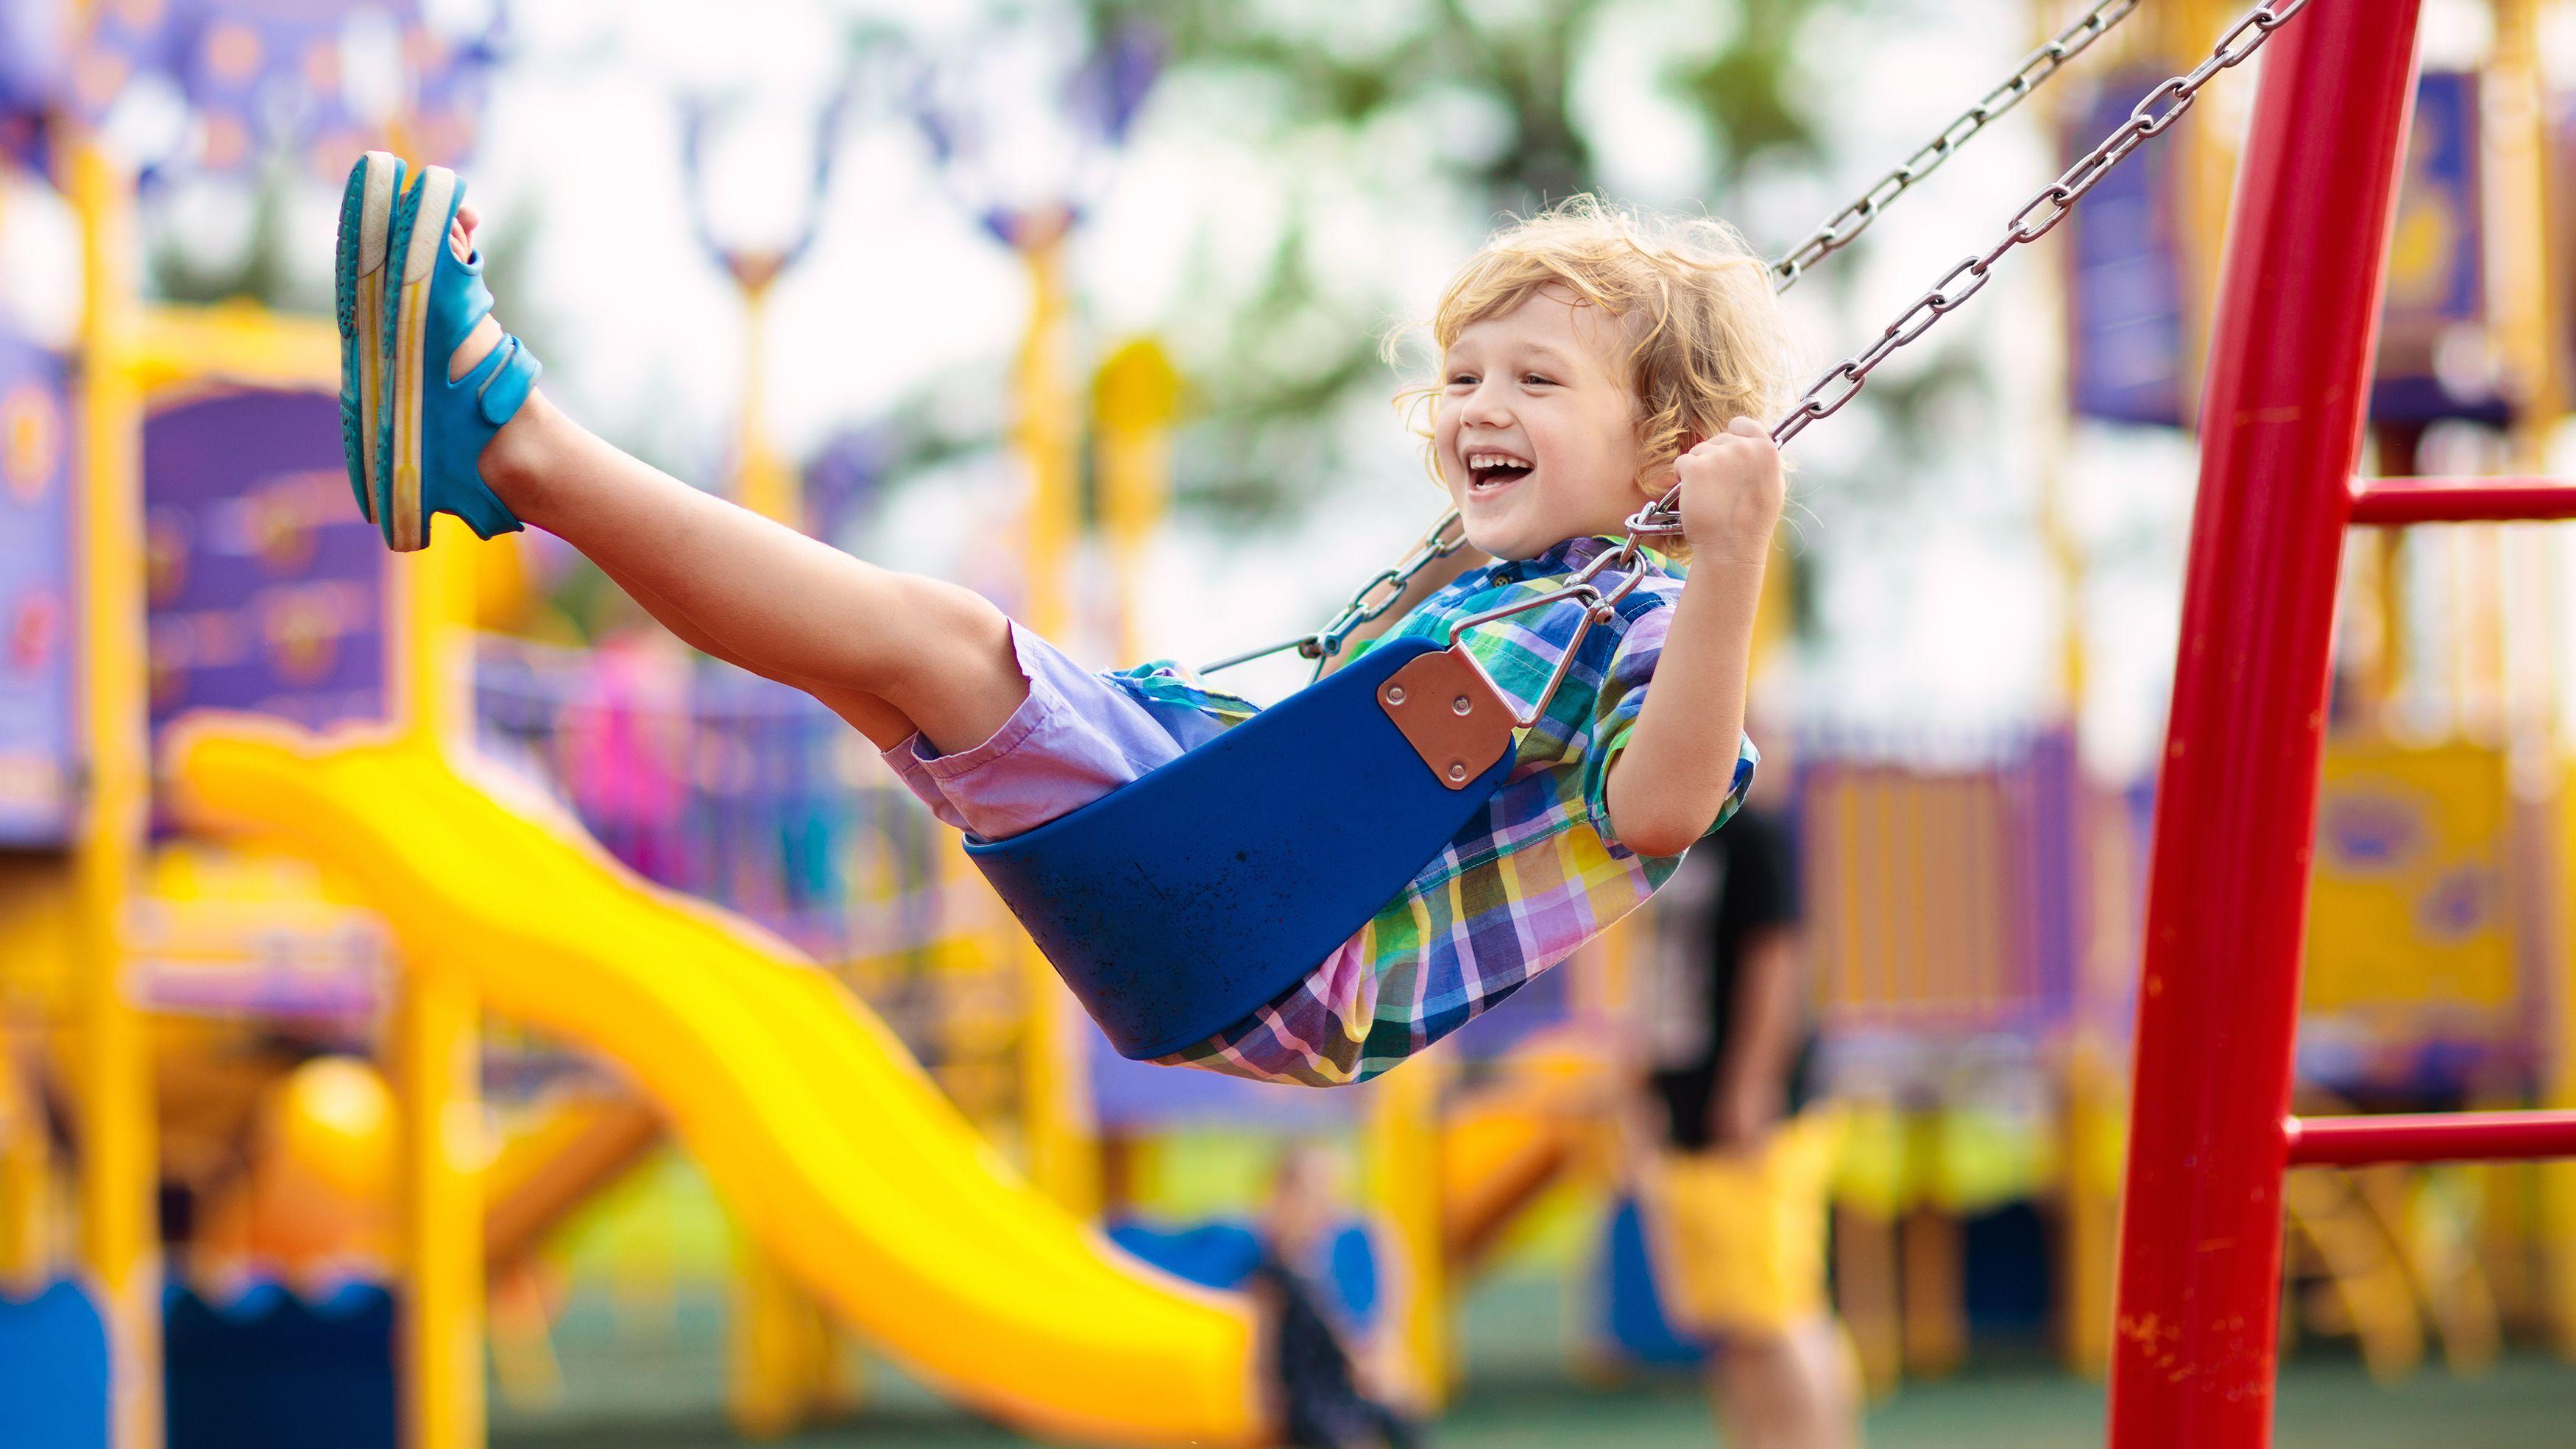 Trampolino elastico, scivolo, altalena: i migliori giochi all'aperto per bambini